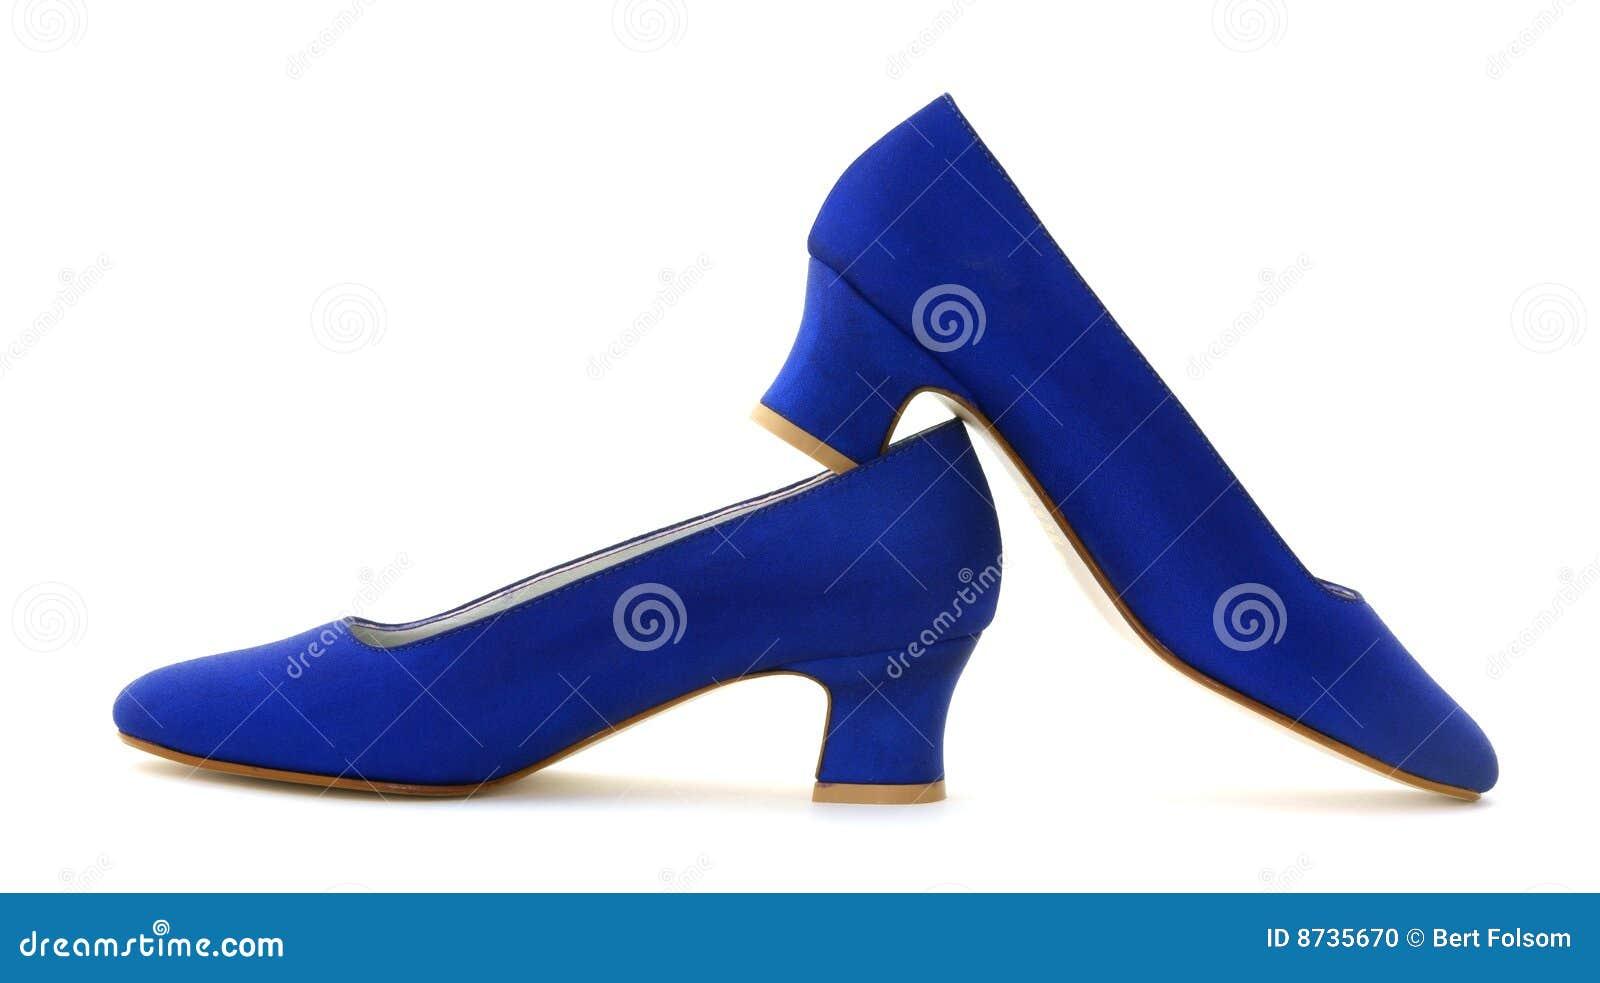 ad315332f Zapatos azules de la mujer foto de archivo. Imagen de tela - 8735670